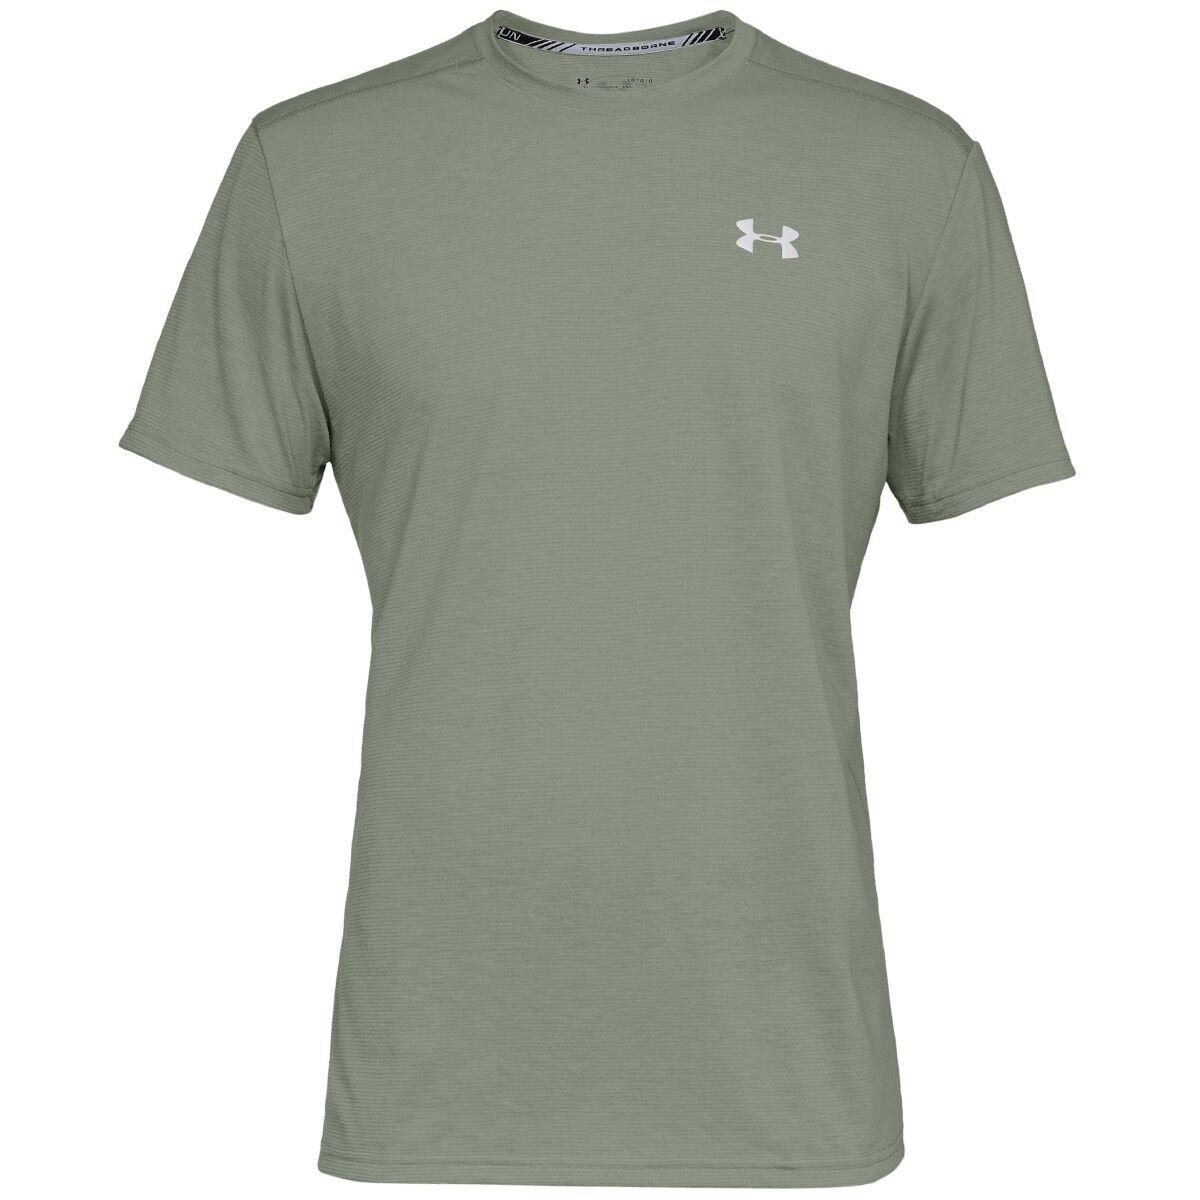 Under Armour Threadborne Streaker Maniche Corte Shirt Verde Riflettente